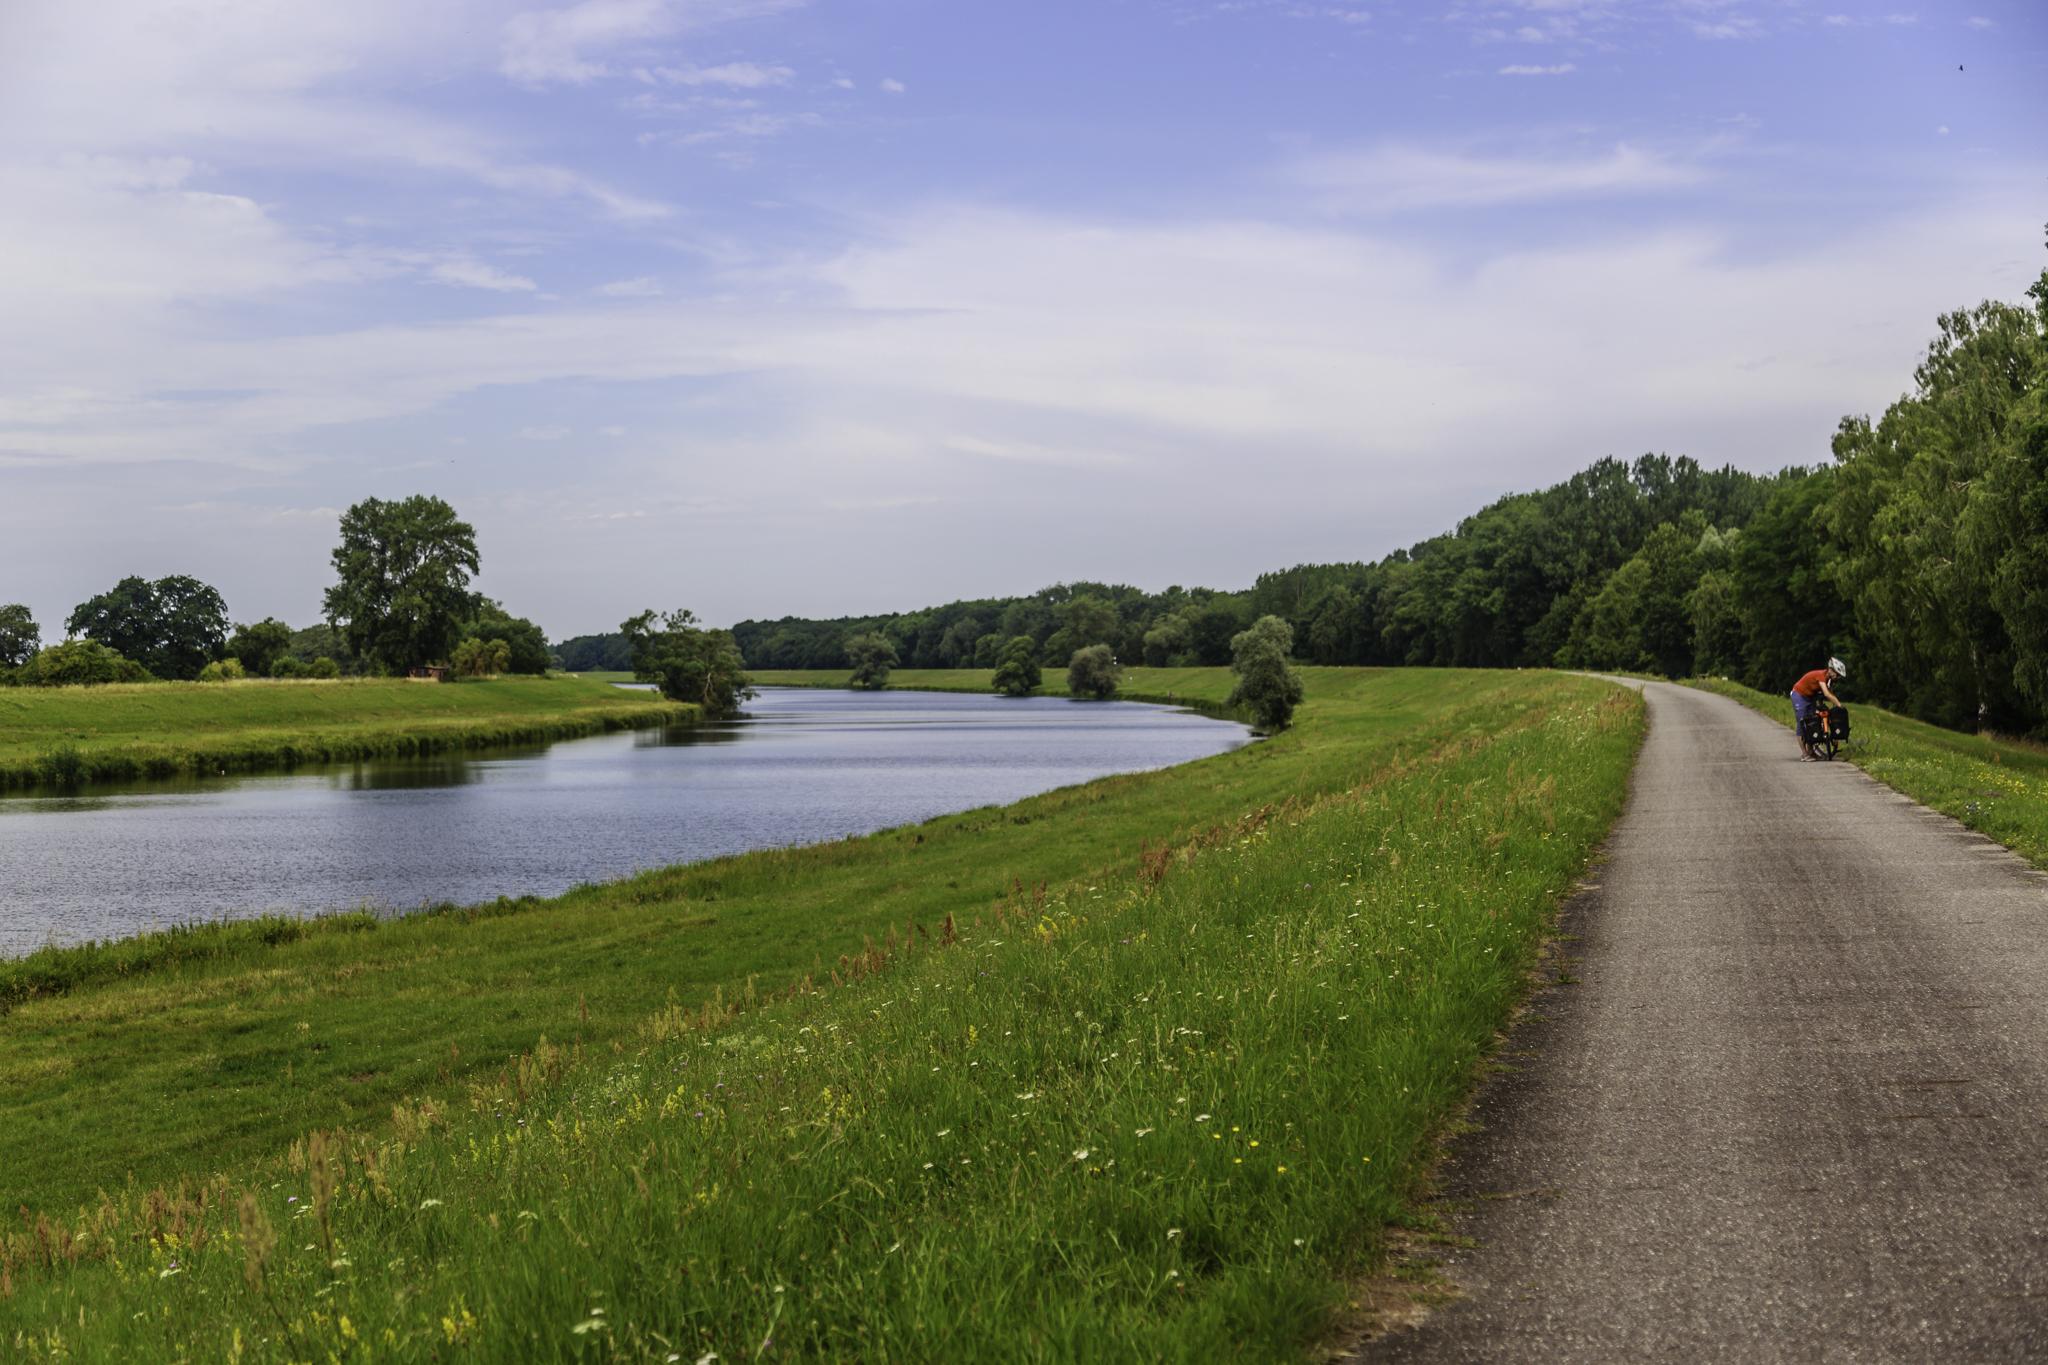 Reise mit dem Fahrrad auf dem Elbe-Radweg